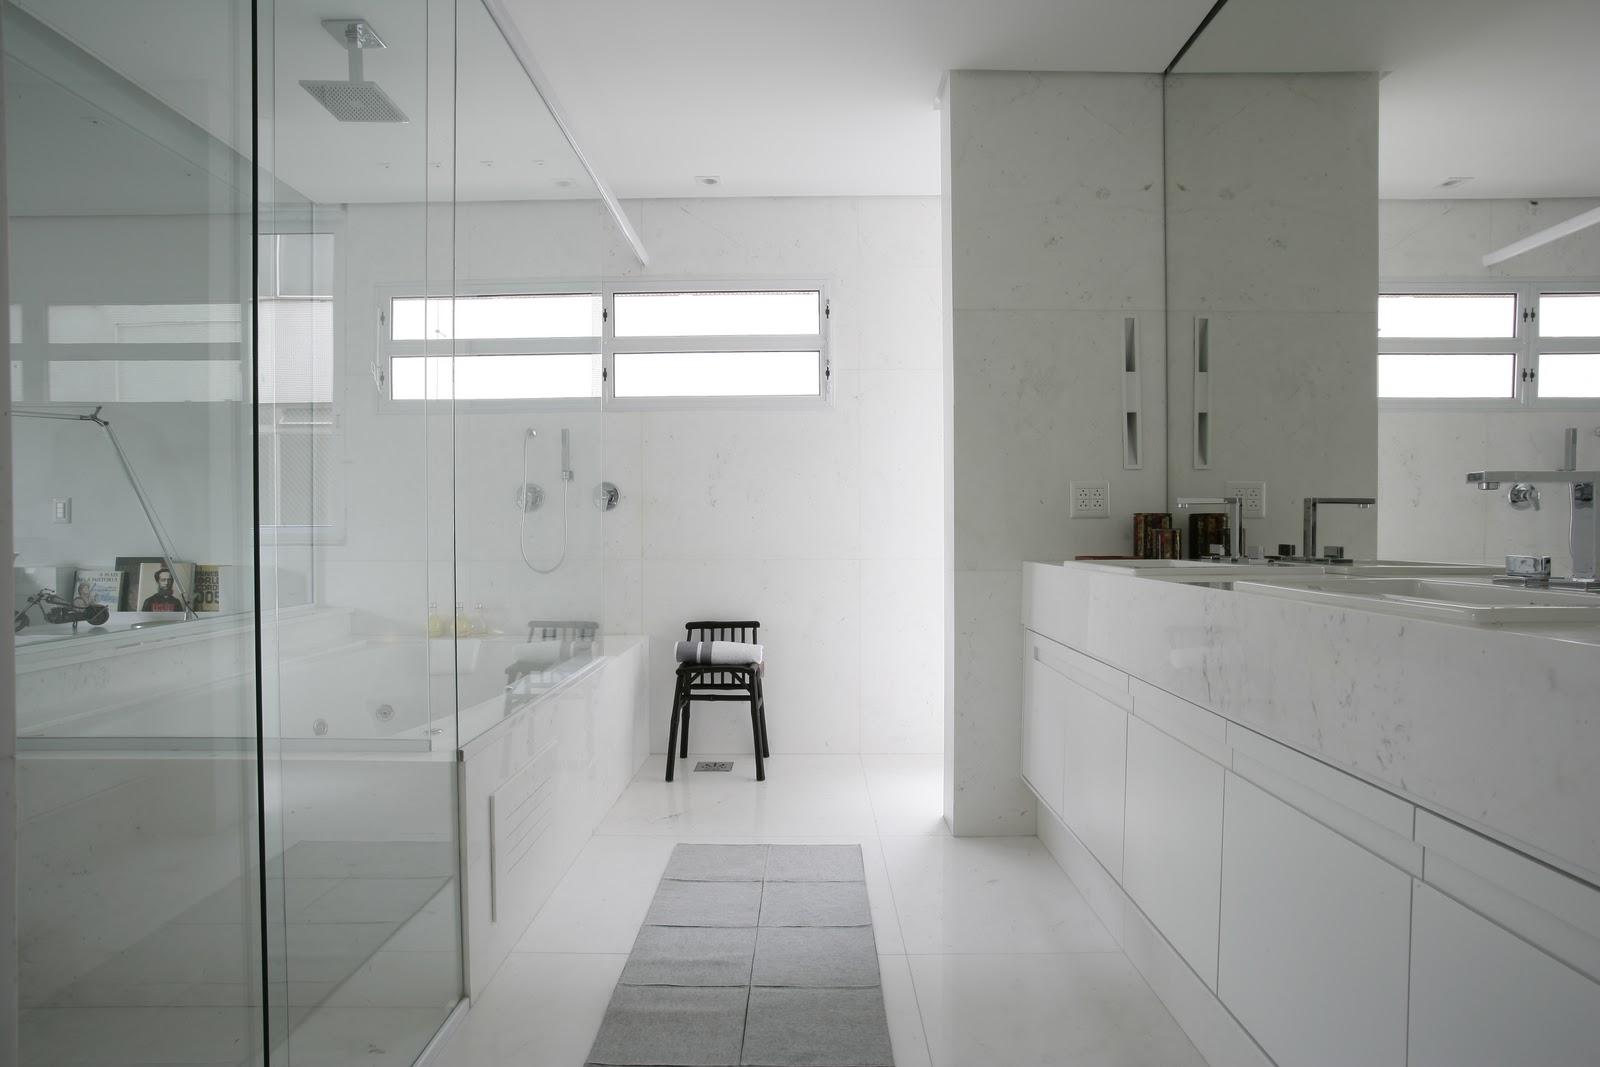 Imagens de #343731 Vejam que o espelho vence o vão entre o gabinete e o teto e se  1600x1067 px 2340 Box De Vidro Para Banheiro Até O Teto